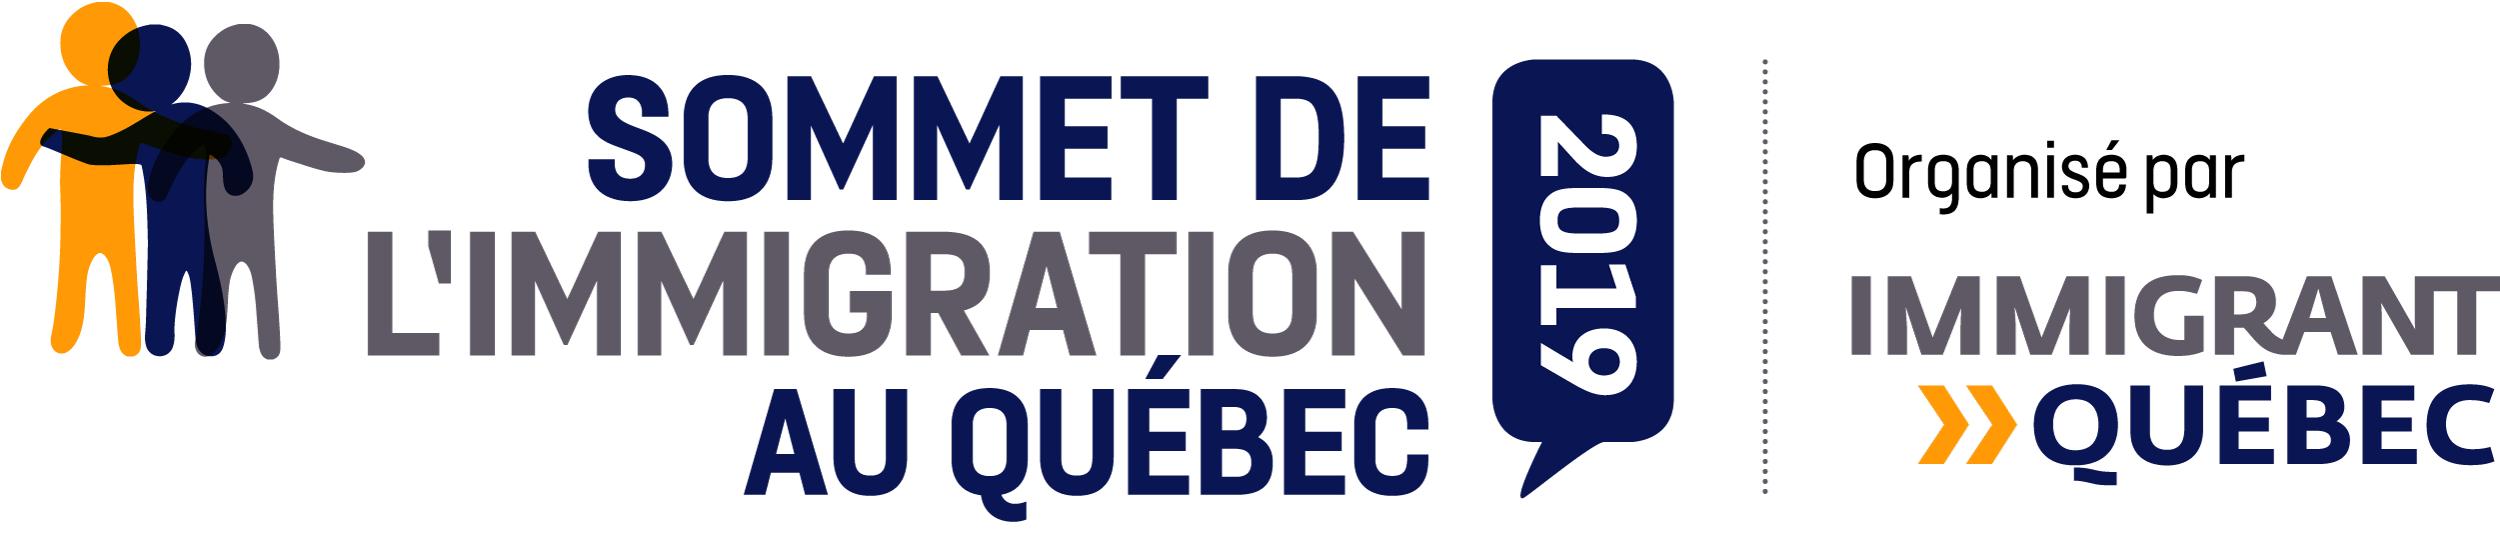 Logo-Sommet-OrganiseIQ-web